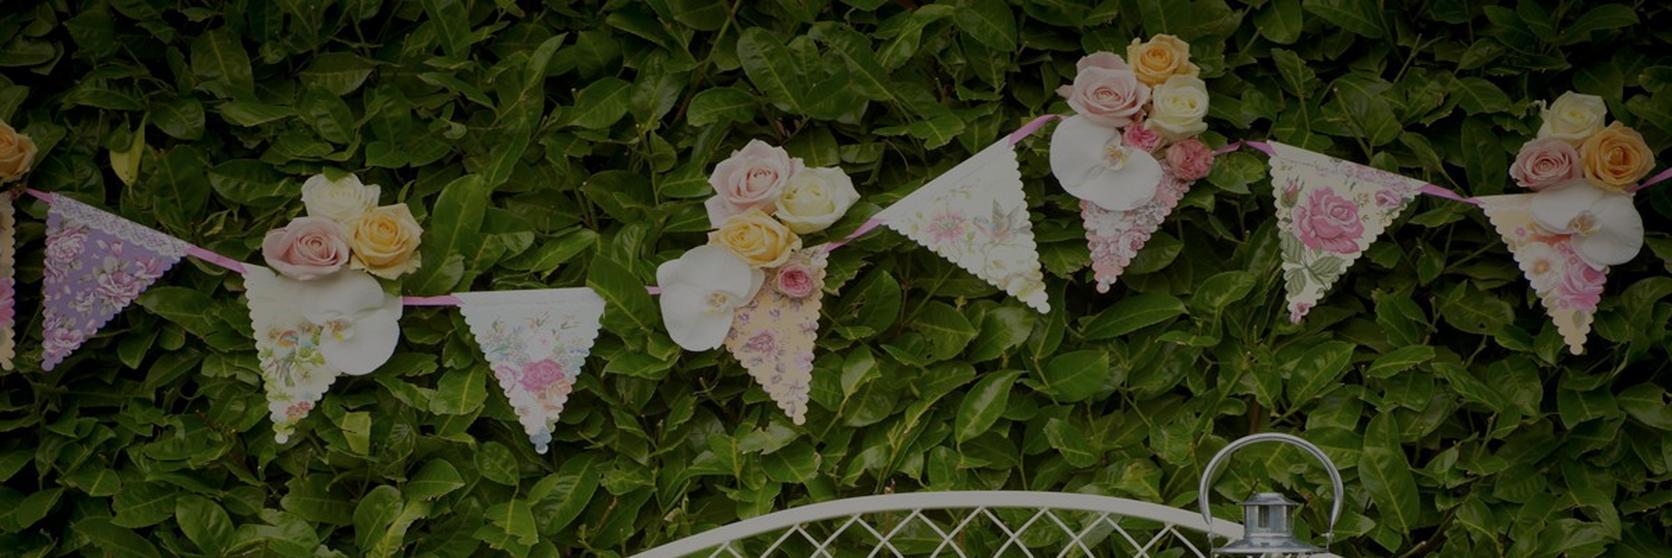 How-to-throw-a-summer-garden-party-2-1